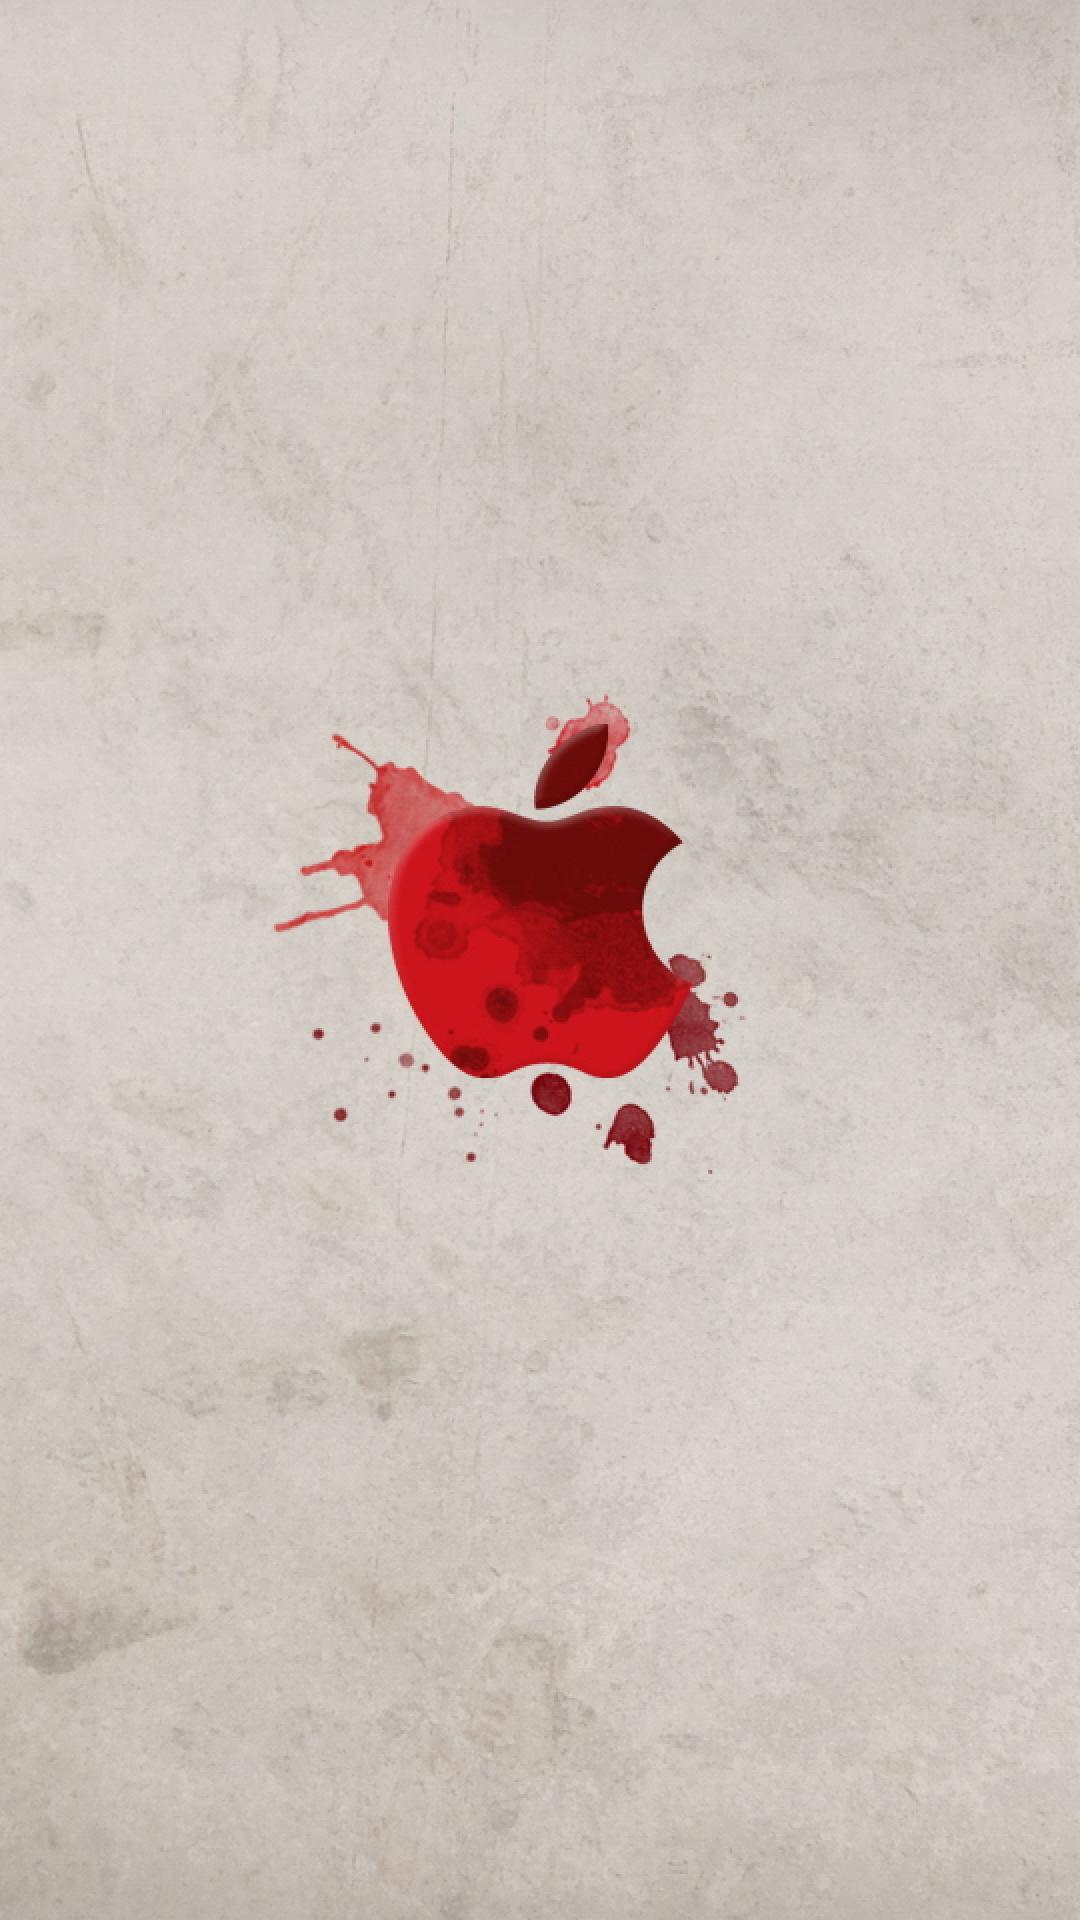 血液アップルiphone 8 Plus壁紙 Iphoneチーズ